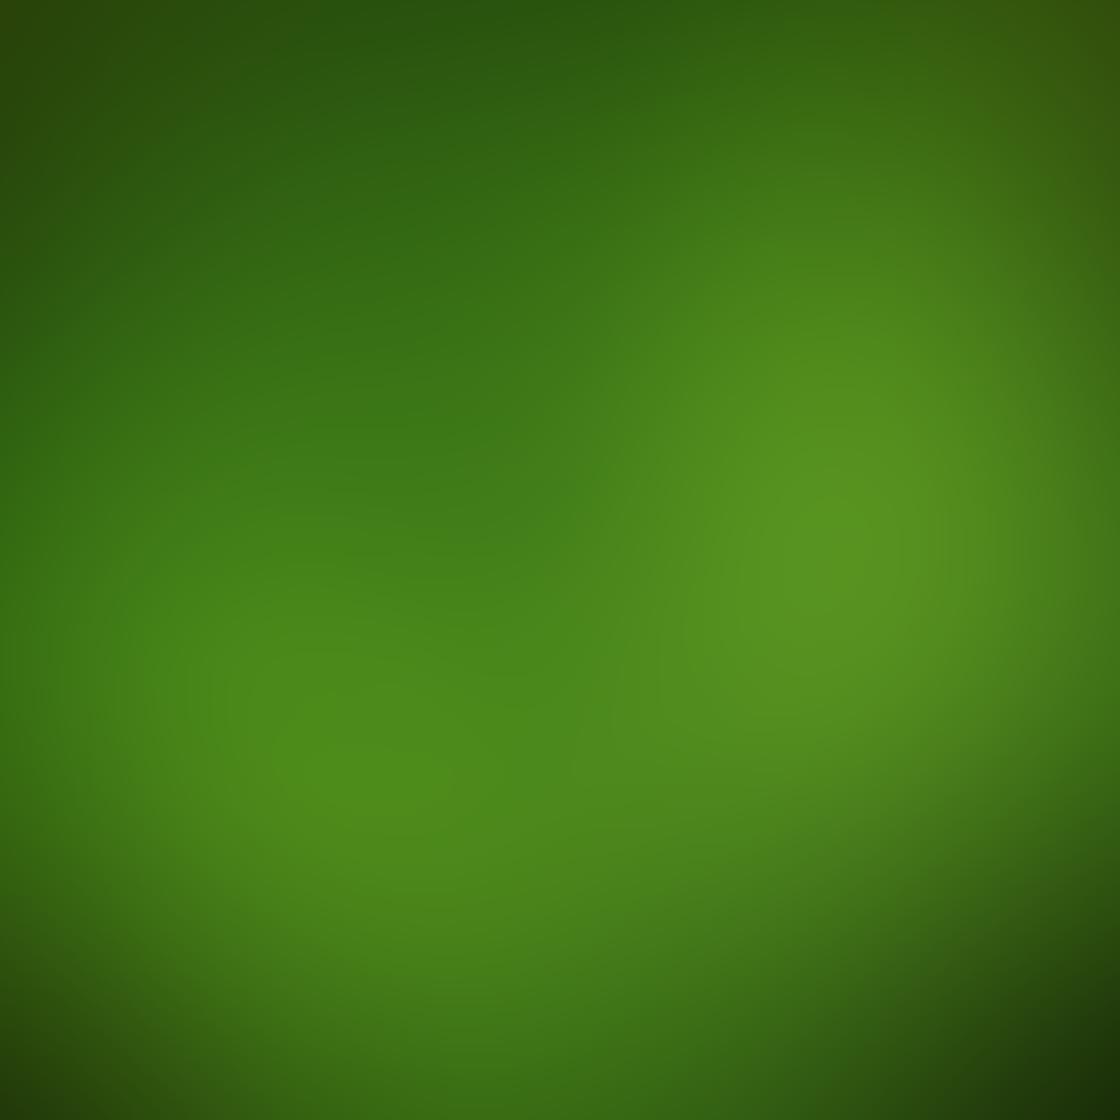 iPhone Photos Texture 22